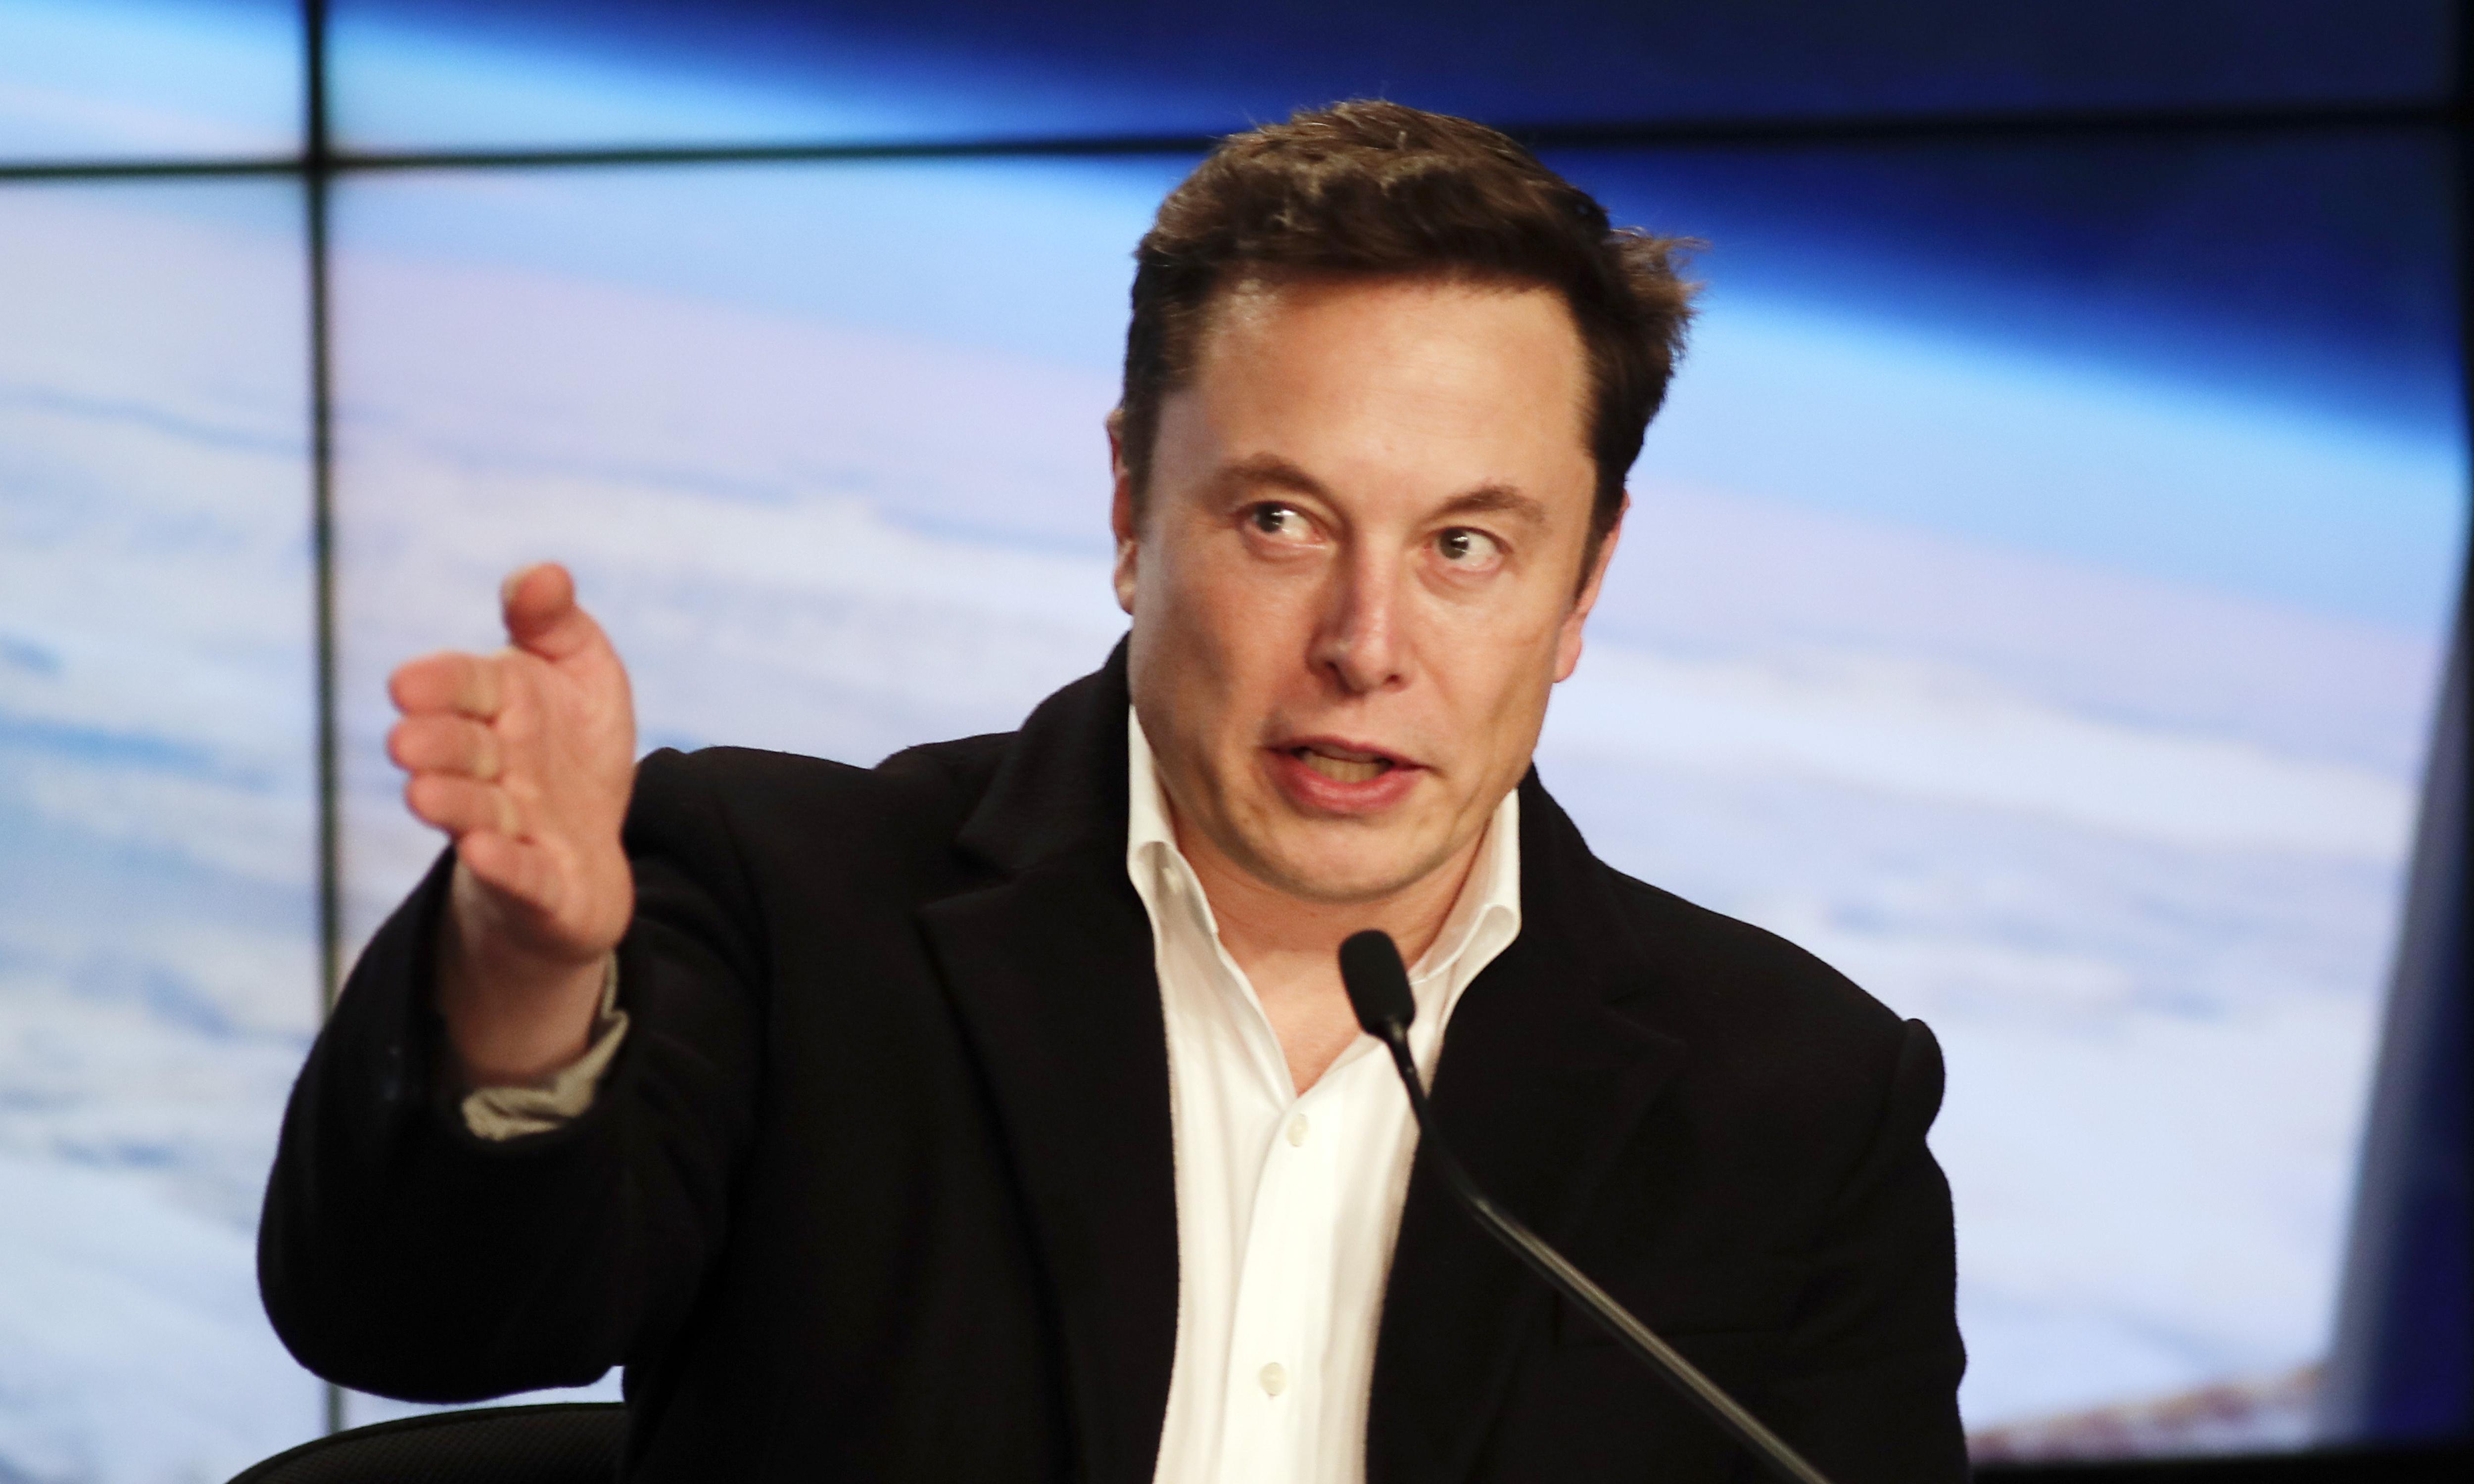 Tesla gets restraining order against alleged harasser